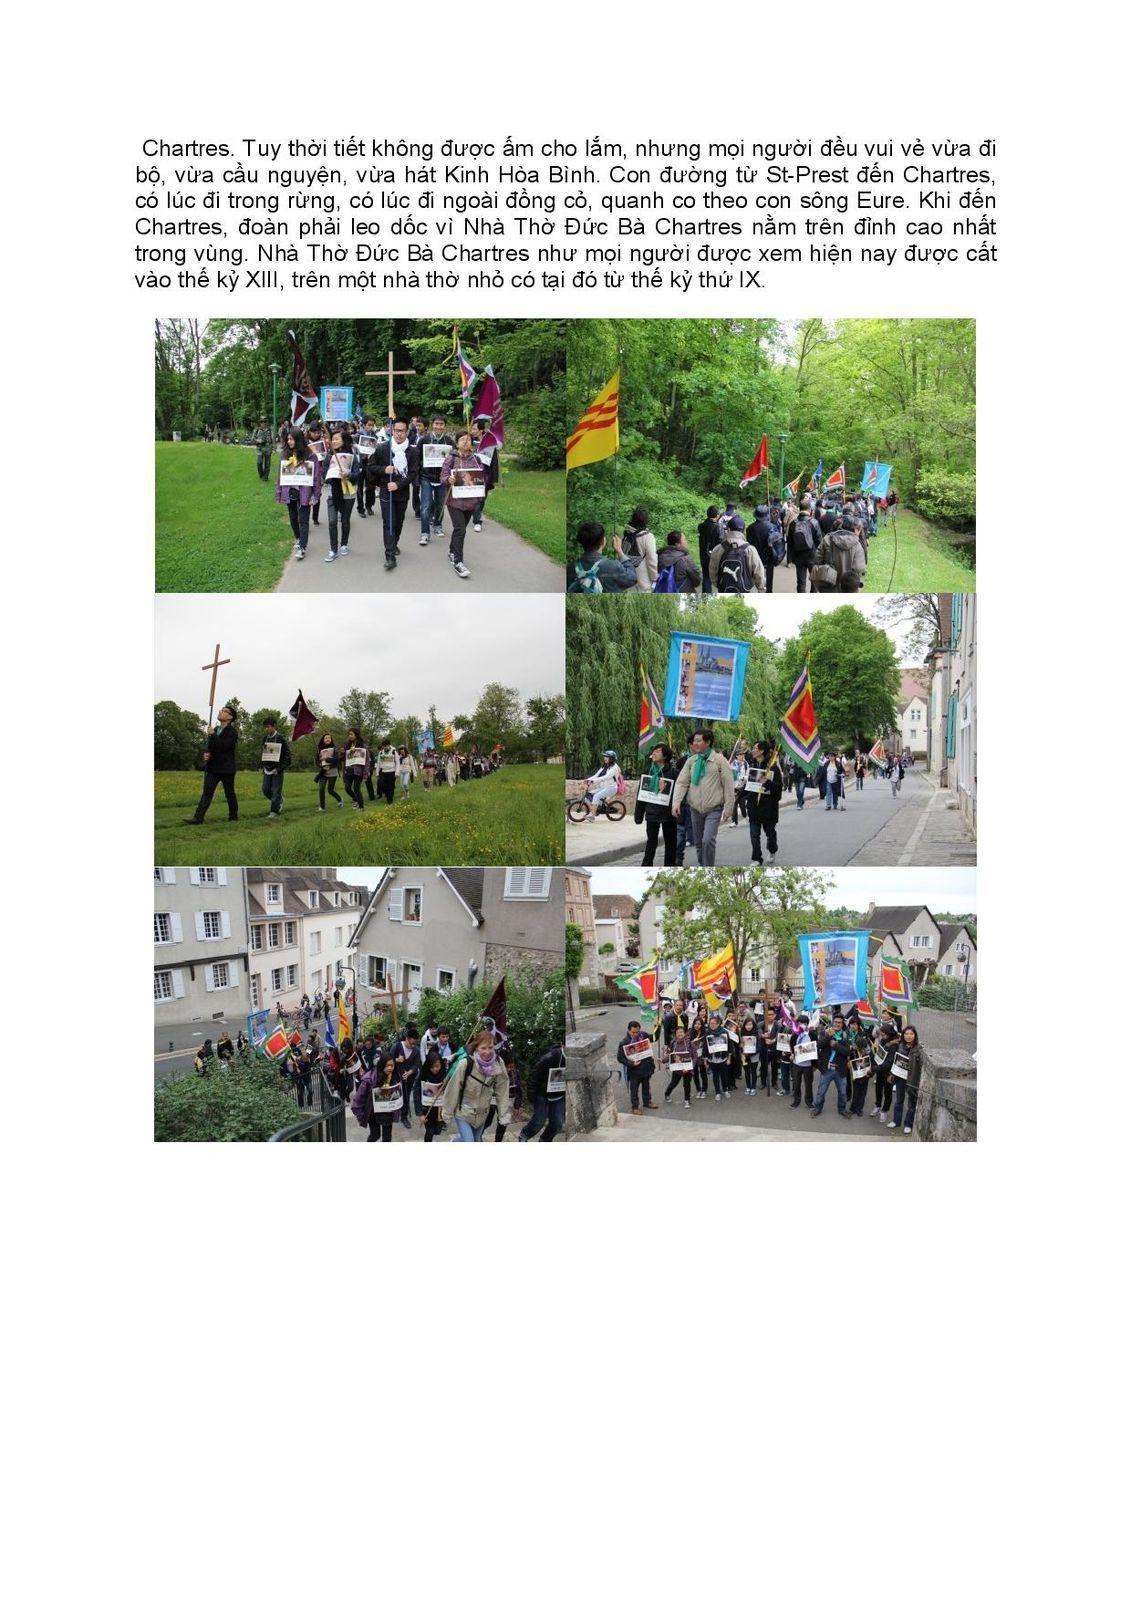 Hanh-huong-Paris-Chartres-page-002.jpg